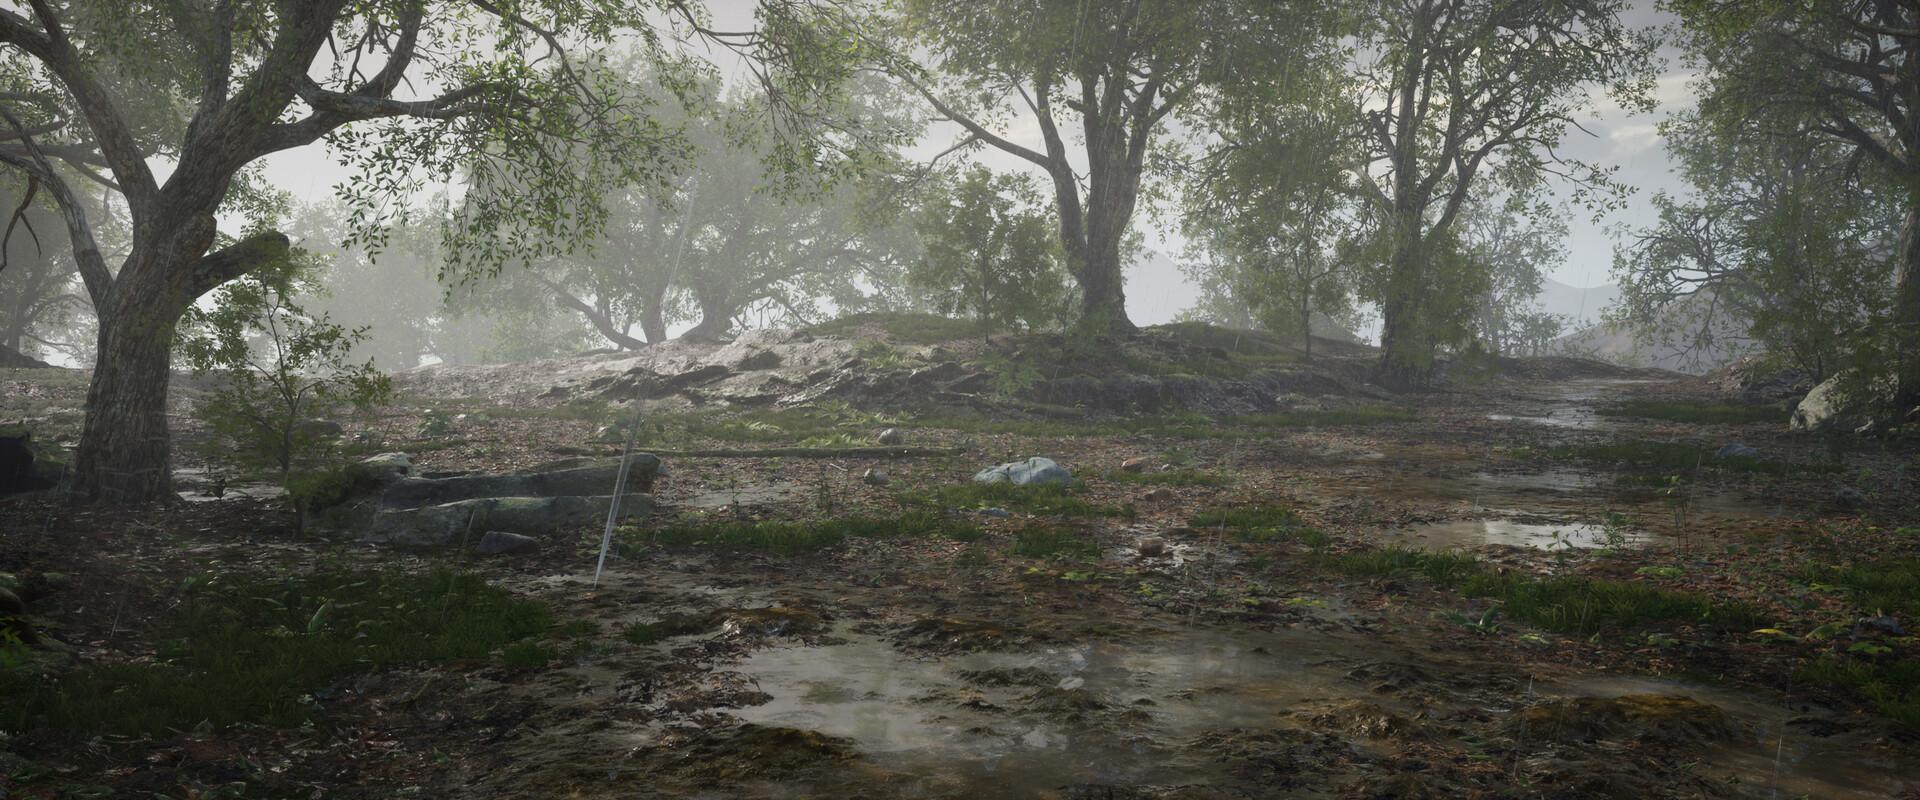 B o w qin forest land rain06